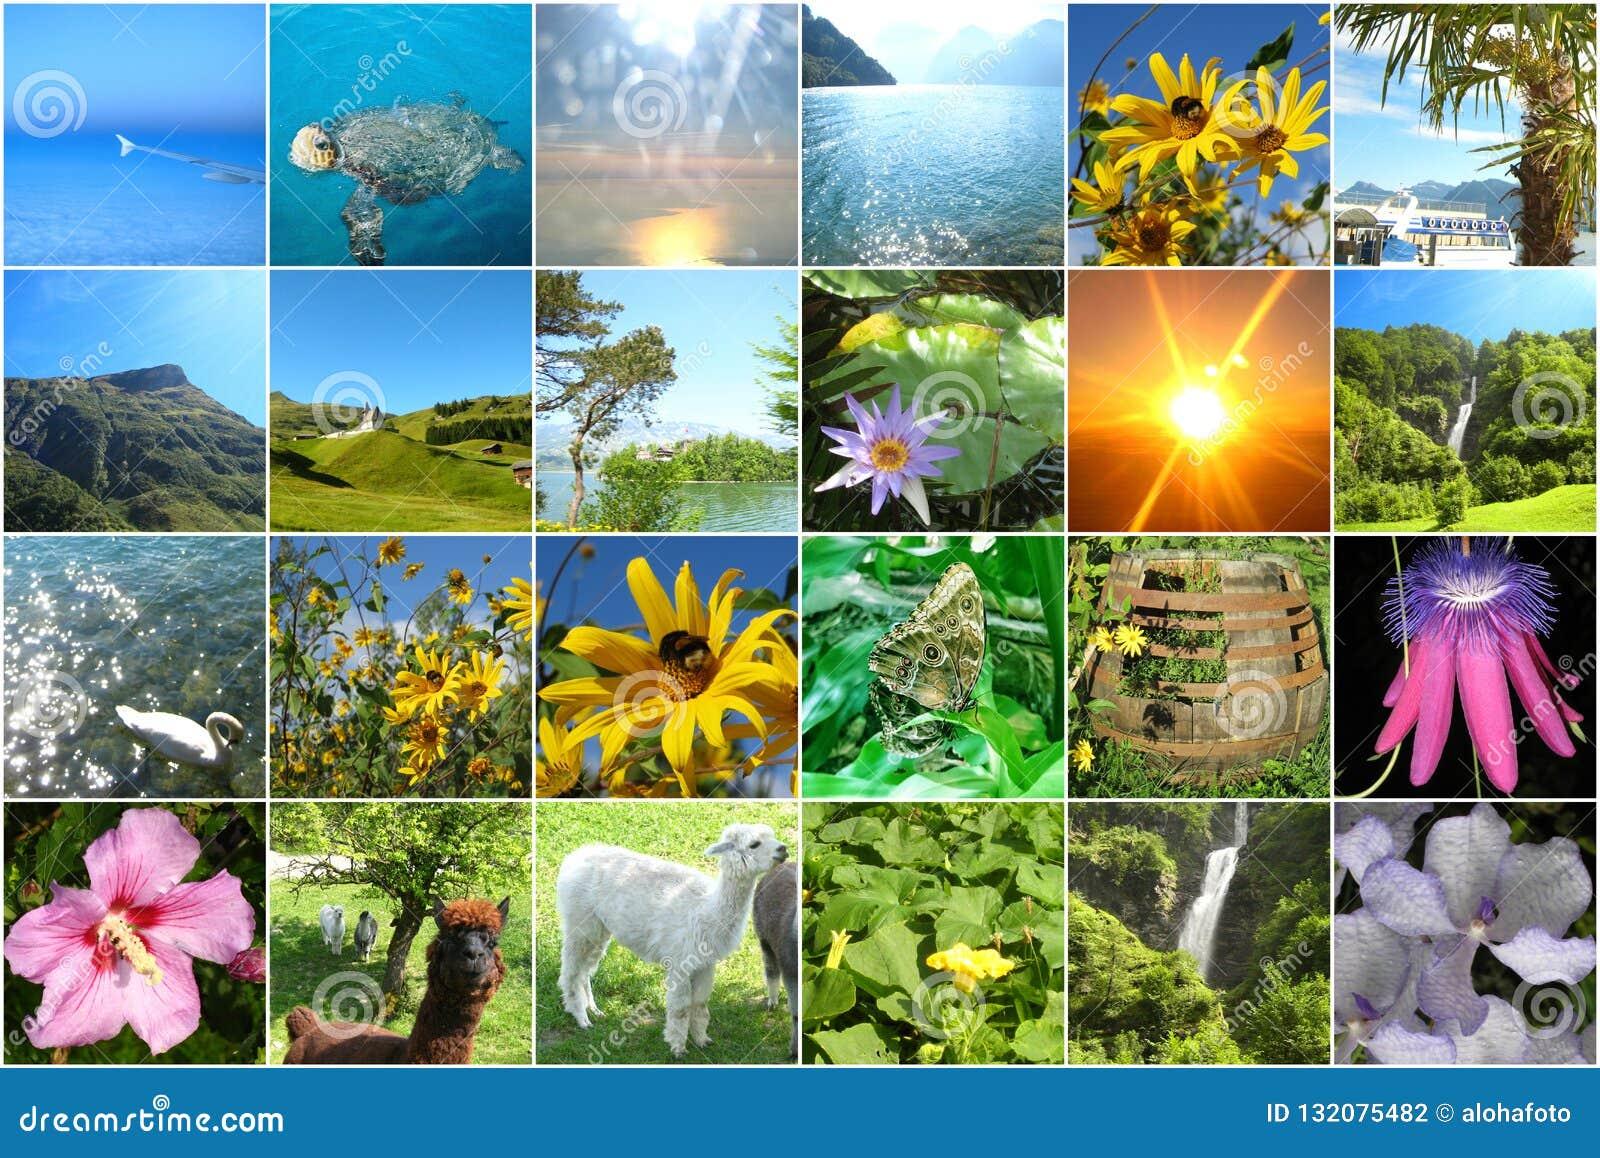 Vierentwintig vrolijke kleurrijke beelden voor wat betreft reis voor een komstkalender of een geheugenspel of voor het ontwerpen